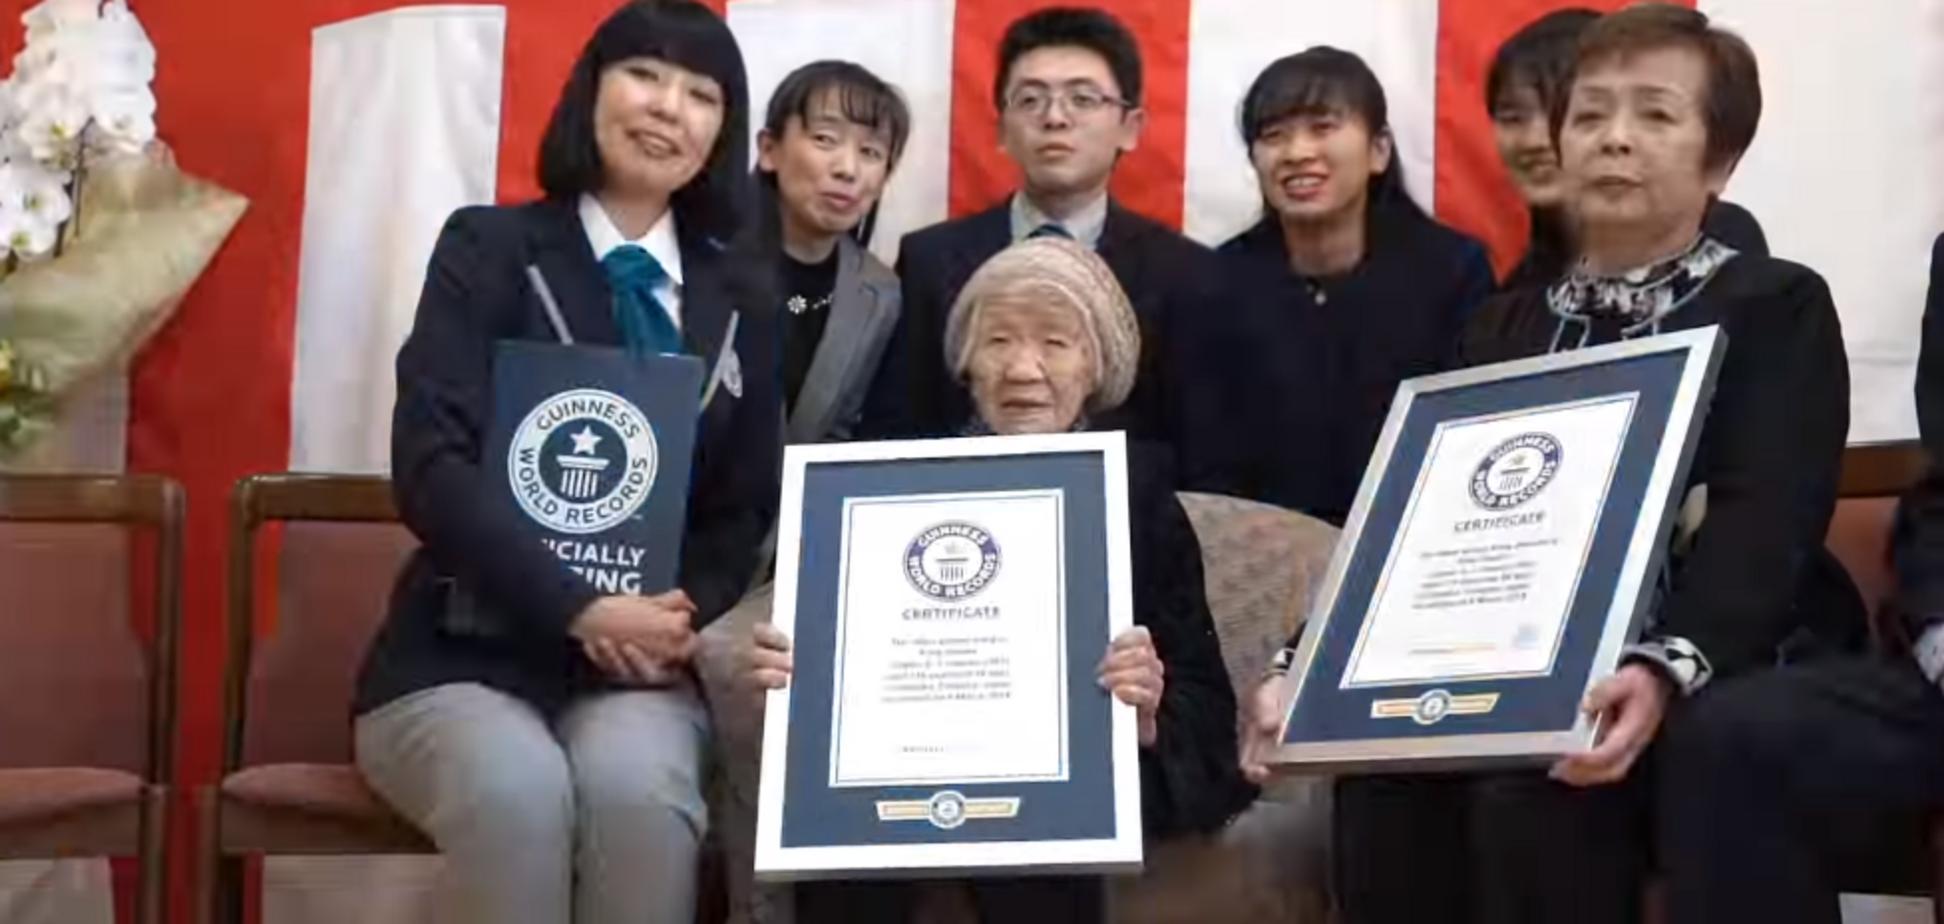 Далеко за 100: до книги рекордів Гіннесса внесли найстарішу людину планети